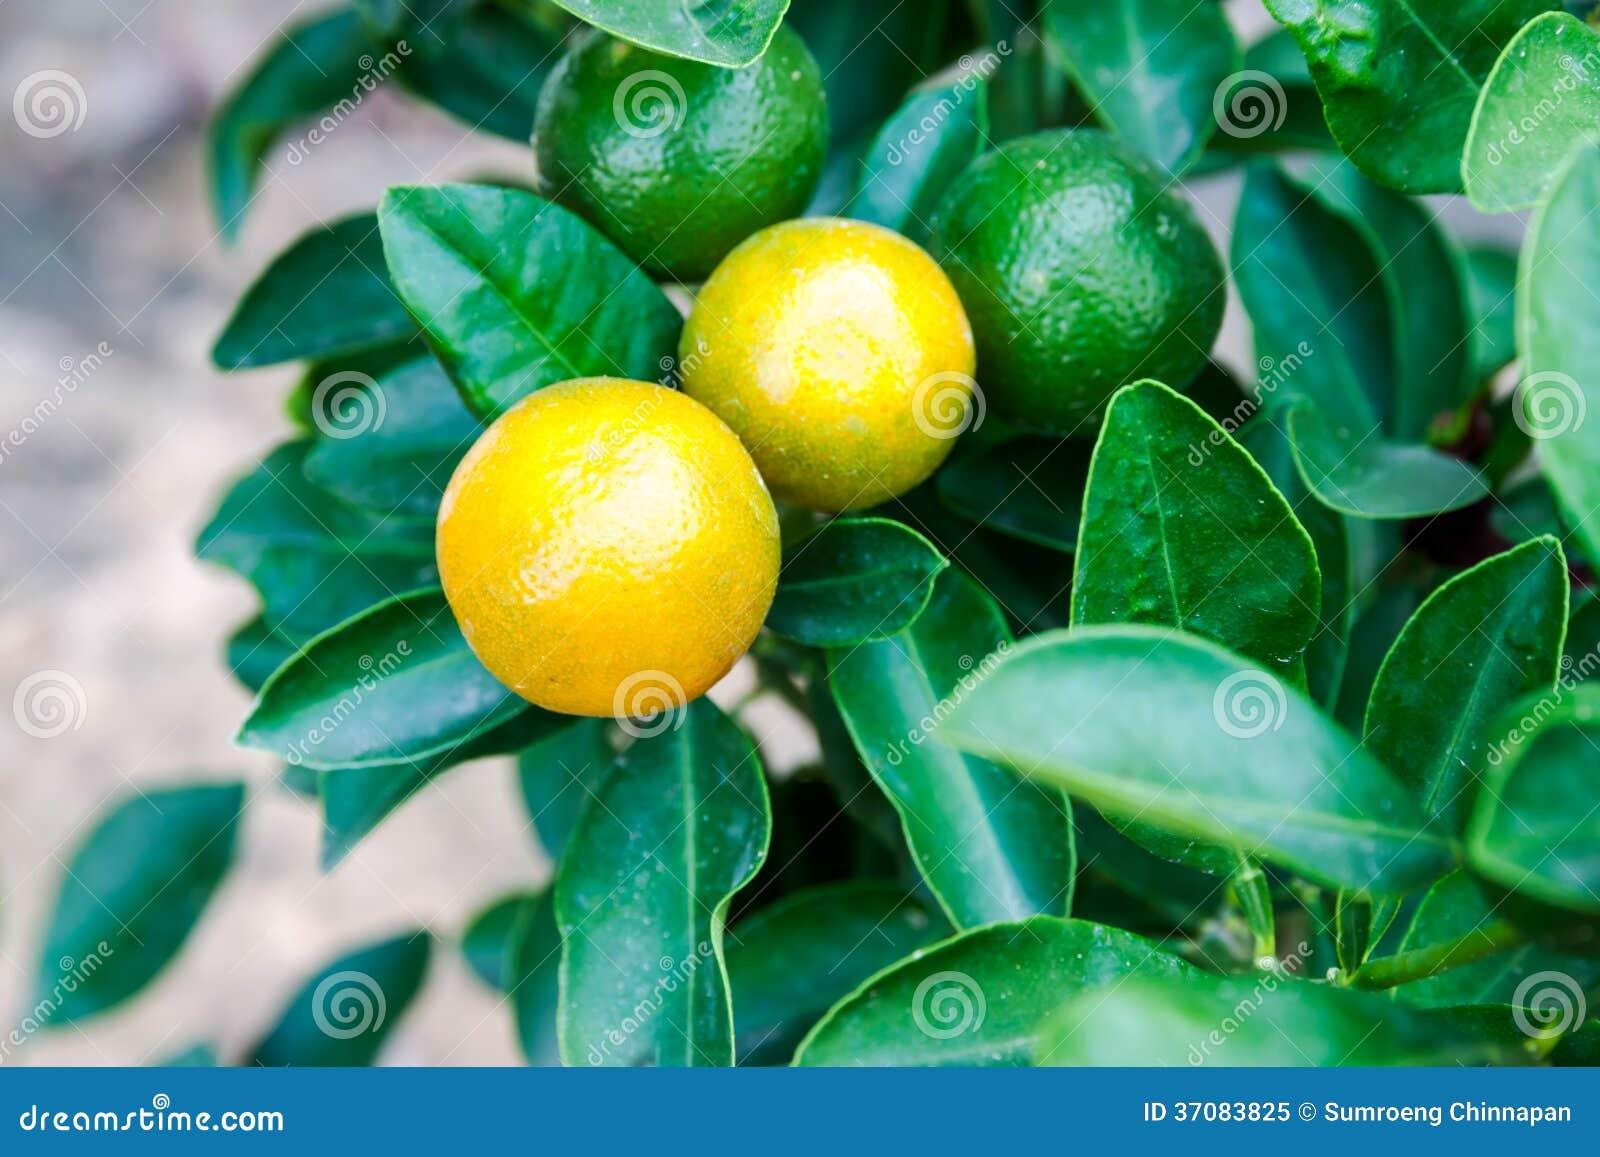 Download Pomarańczowy drzewo obraz stock. Obraz złożonej z cytrusy - 37083825